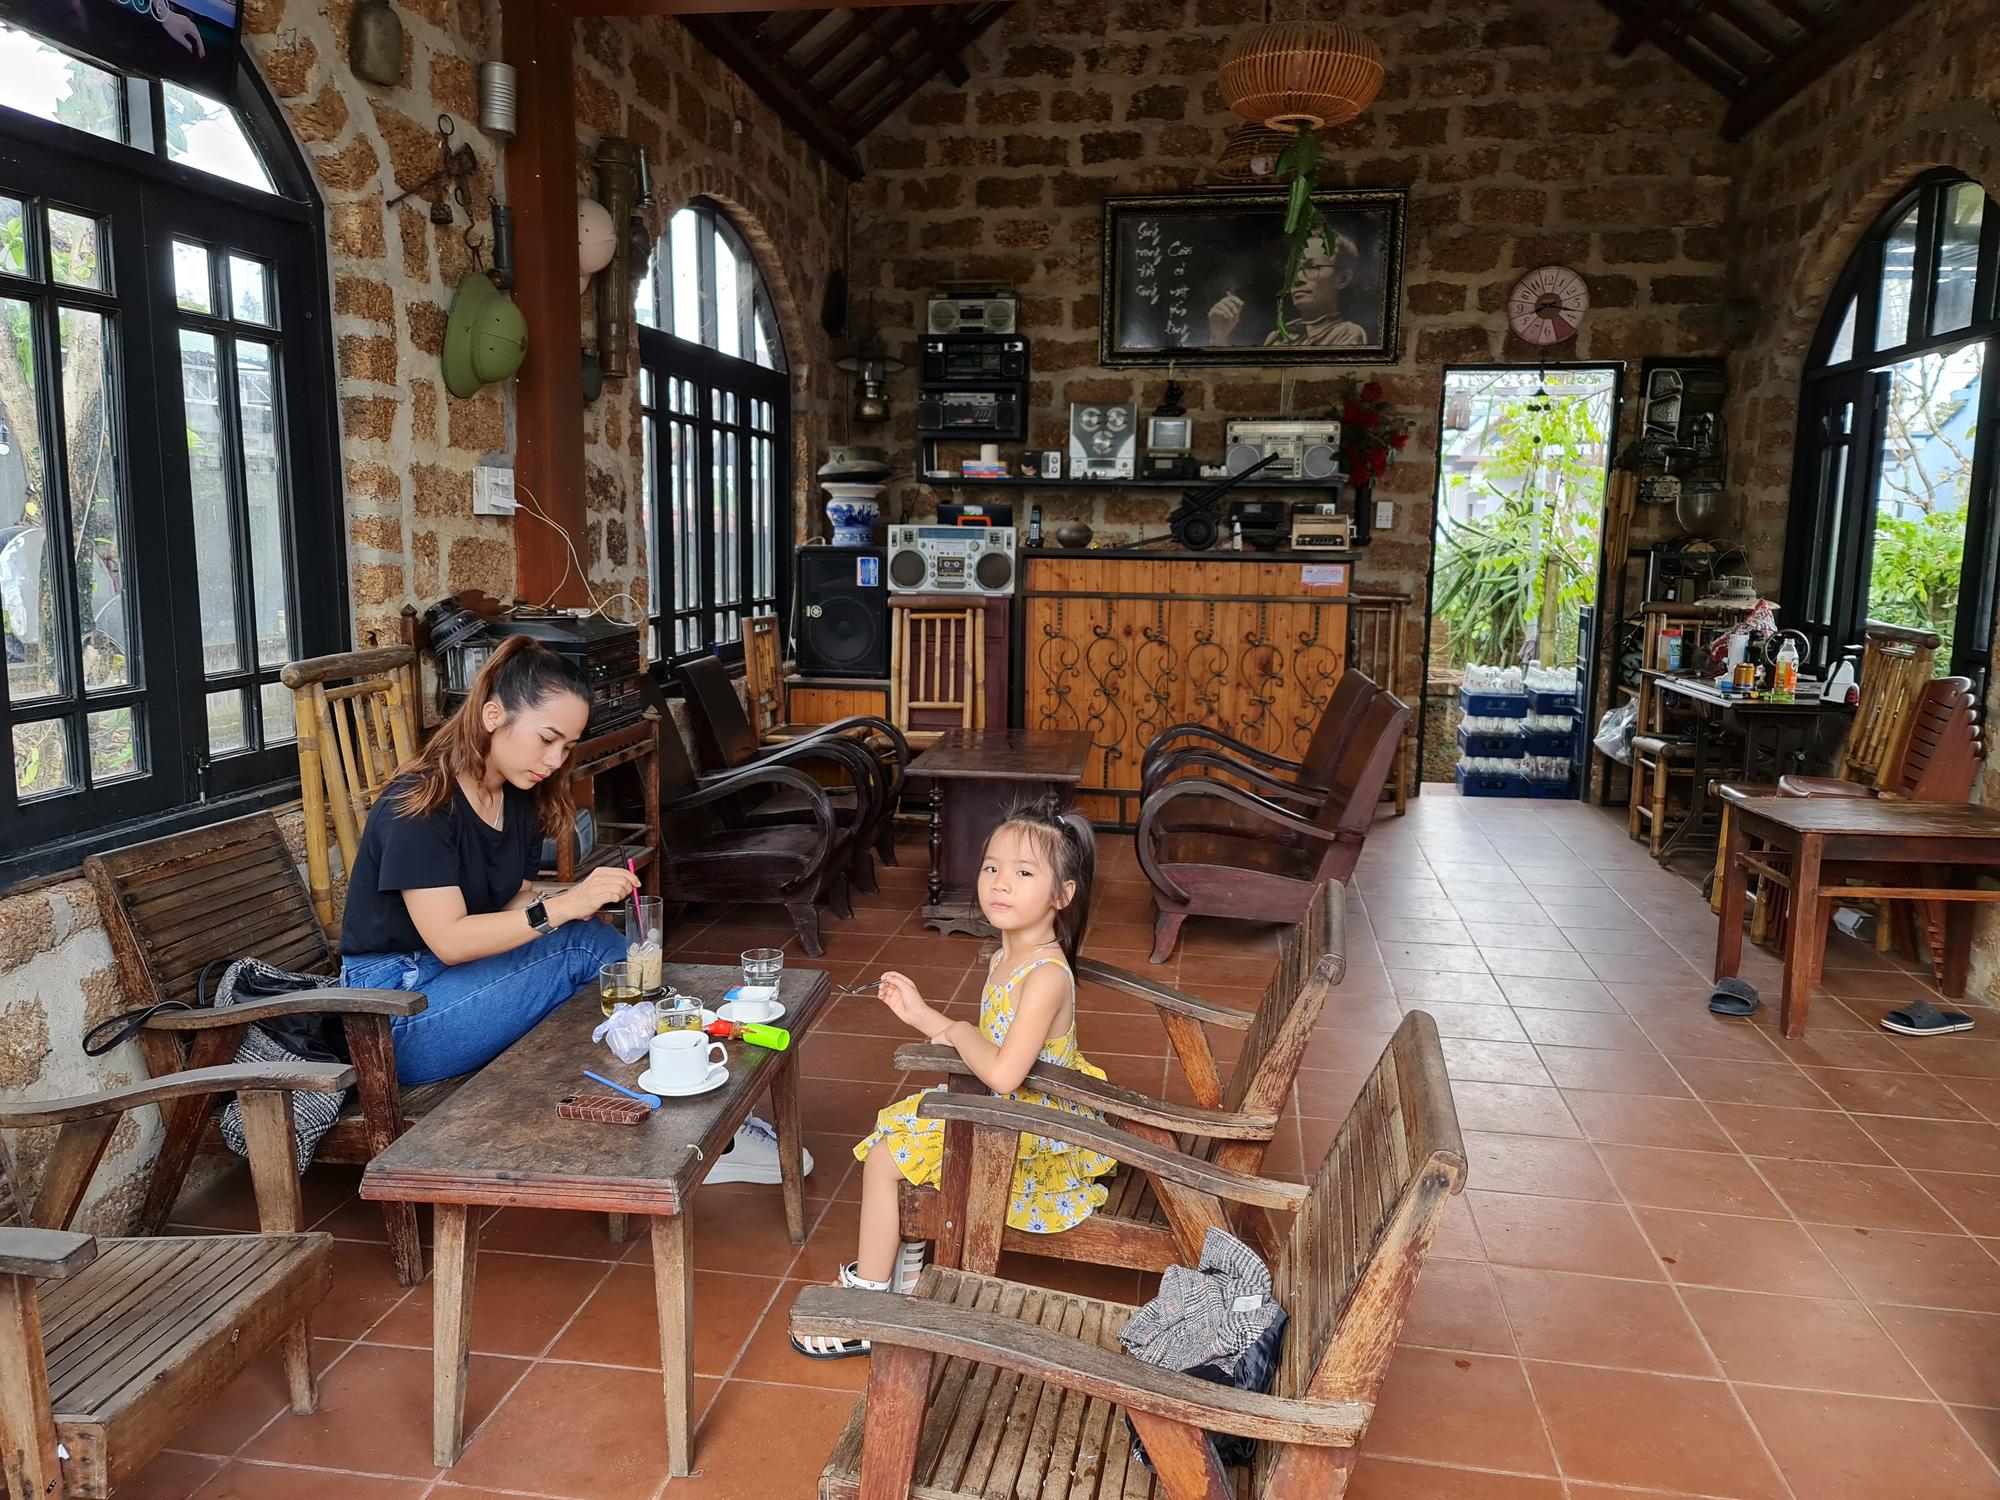 Quảng Nam: Nhứt mắt với quán cà phê bằng đá ong và toàn đồ bỏ đi - Ảnh 15.